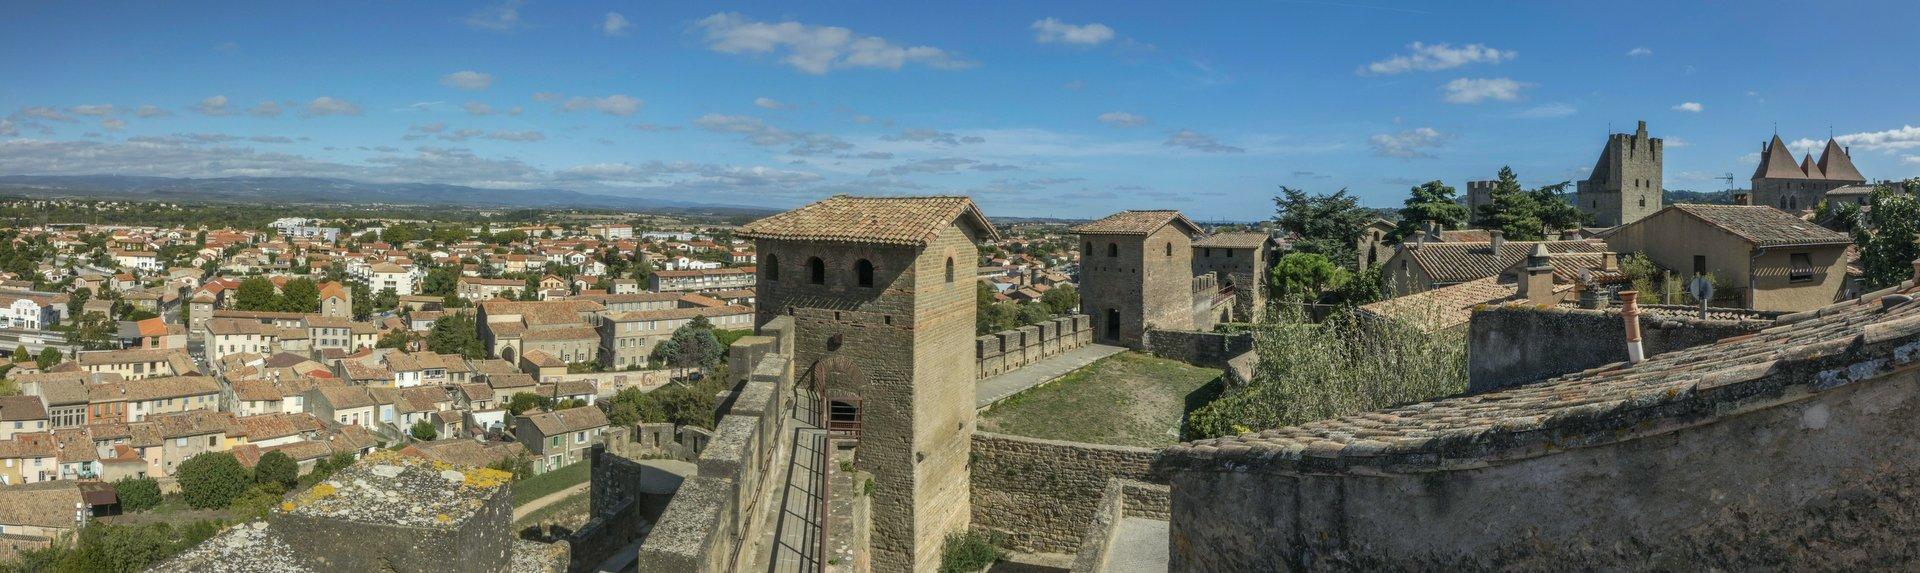 Nördliche innere Stadtmauer der Cité Carcassonne